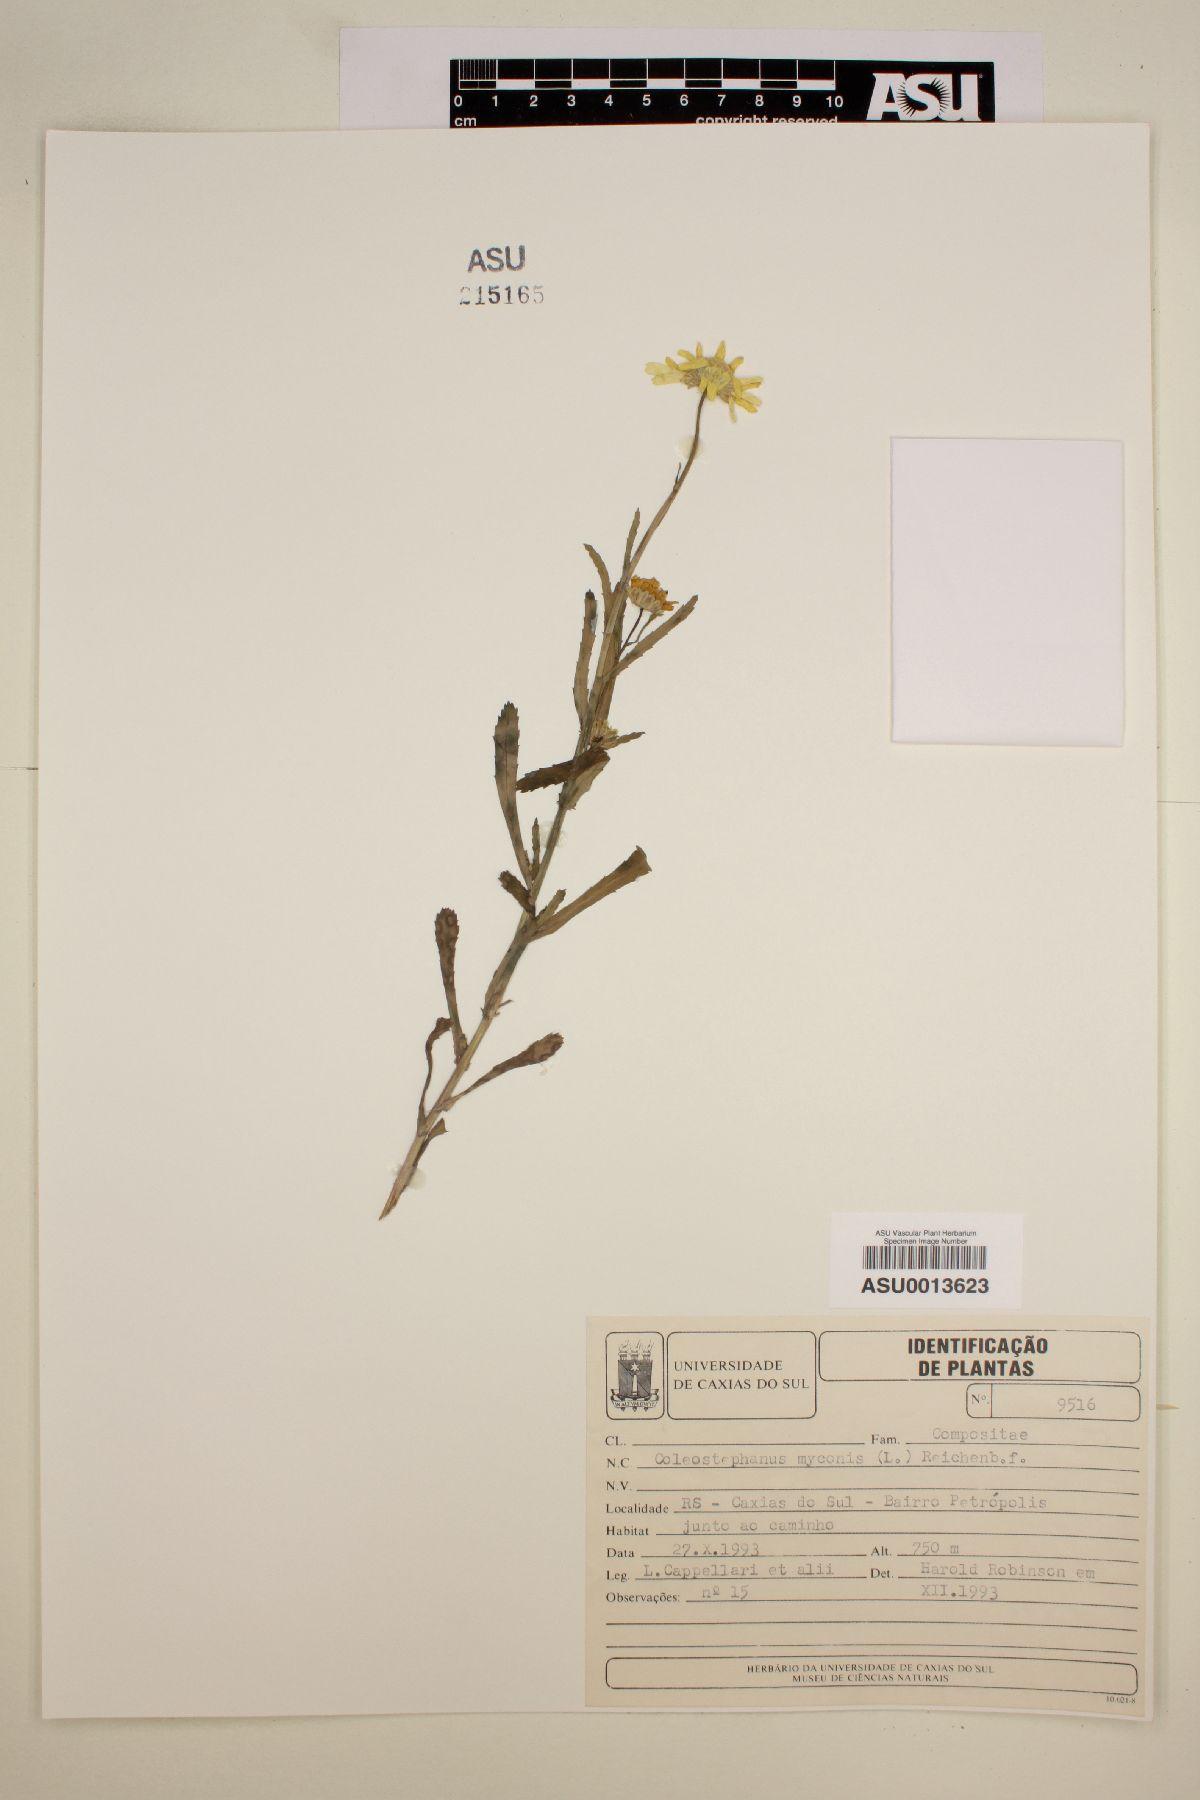 Coleostephus myconis image